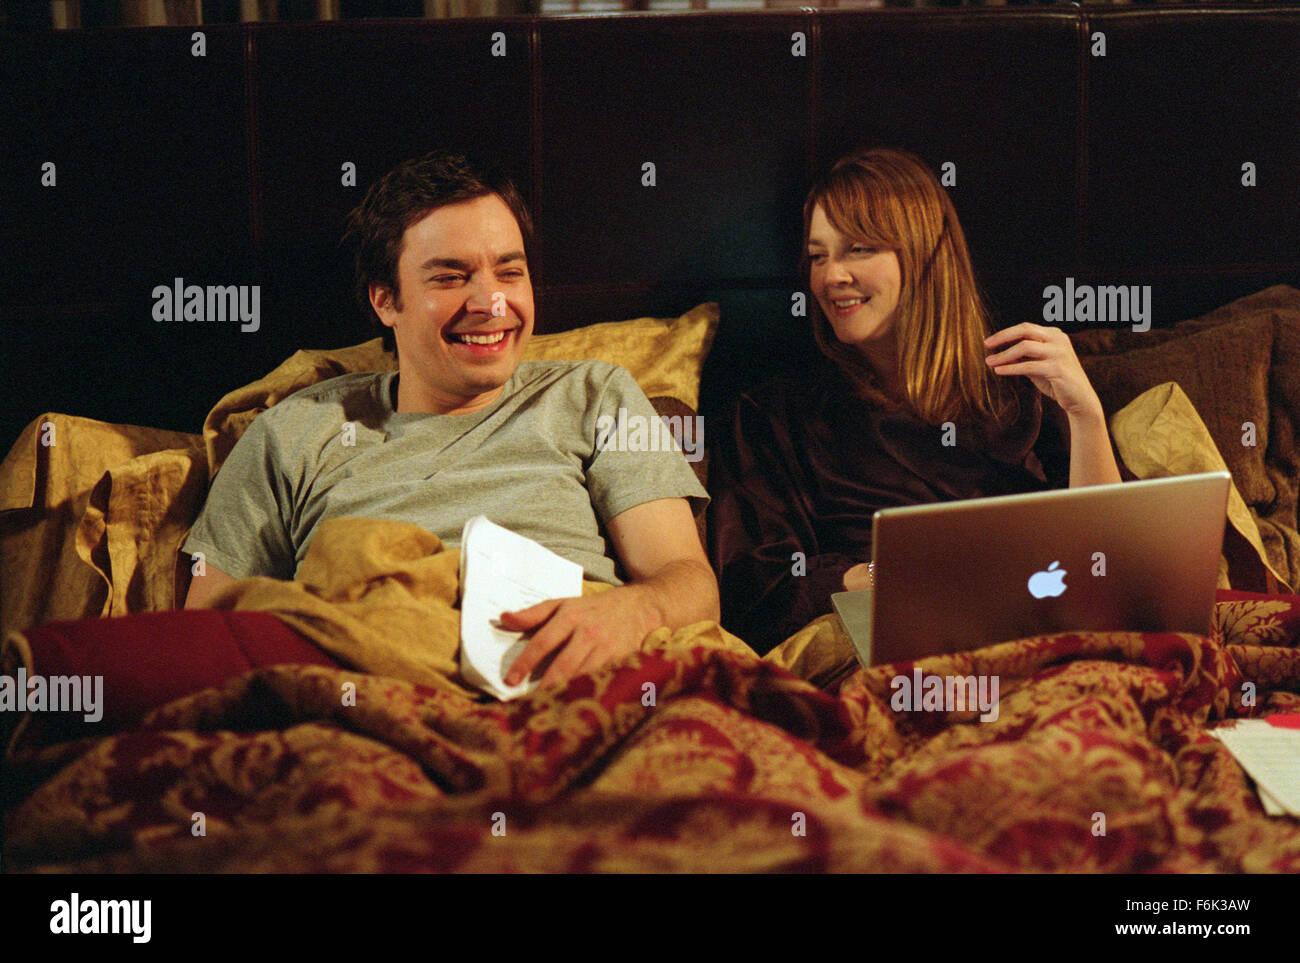 db295478a53 ... Fox 2000 Pictures DIRECTOR  Bobby Farrelly y Peter Farrelly parcela   relajado y encantador cuando Ben Wrightman cumple adicto Lindsey Meeks